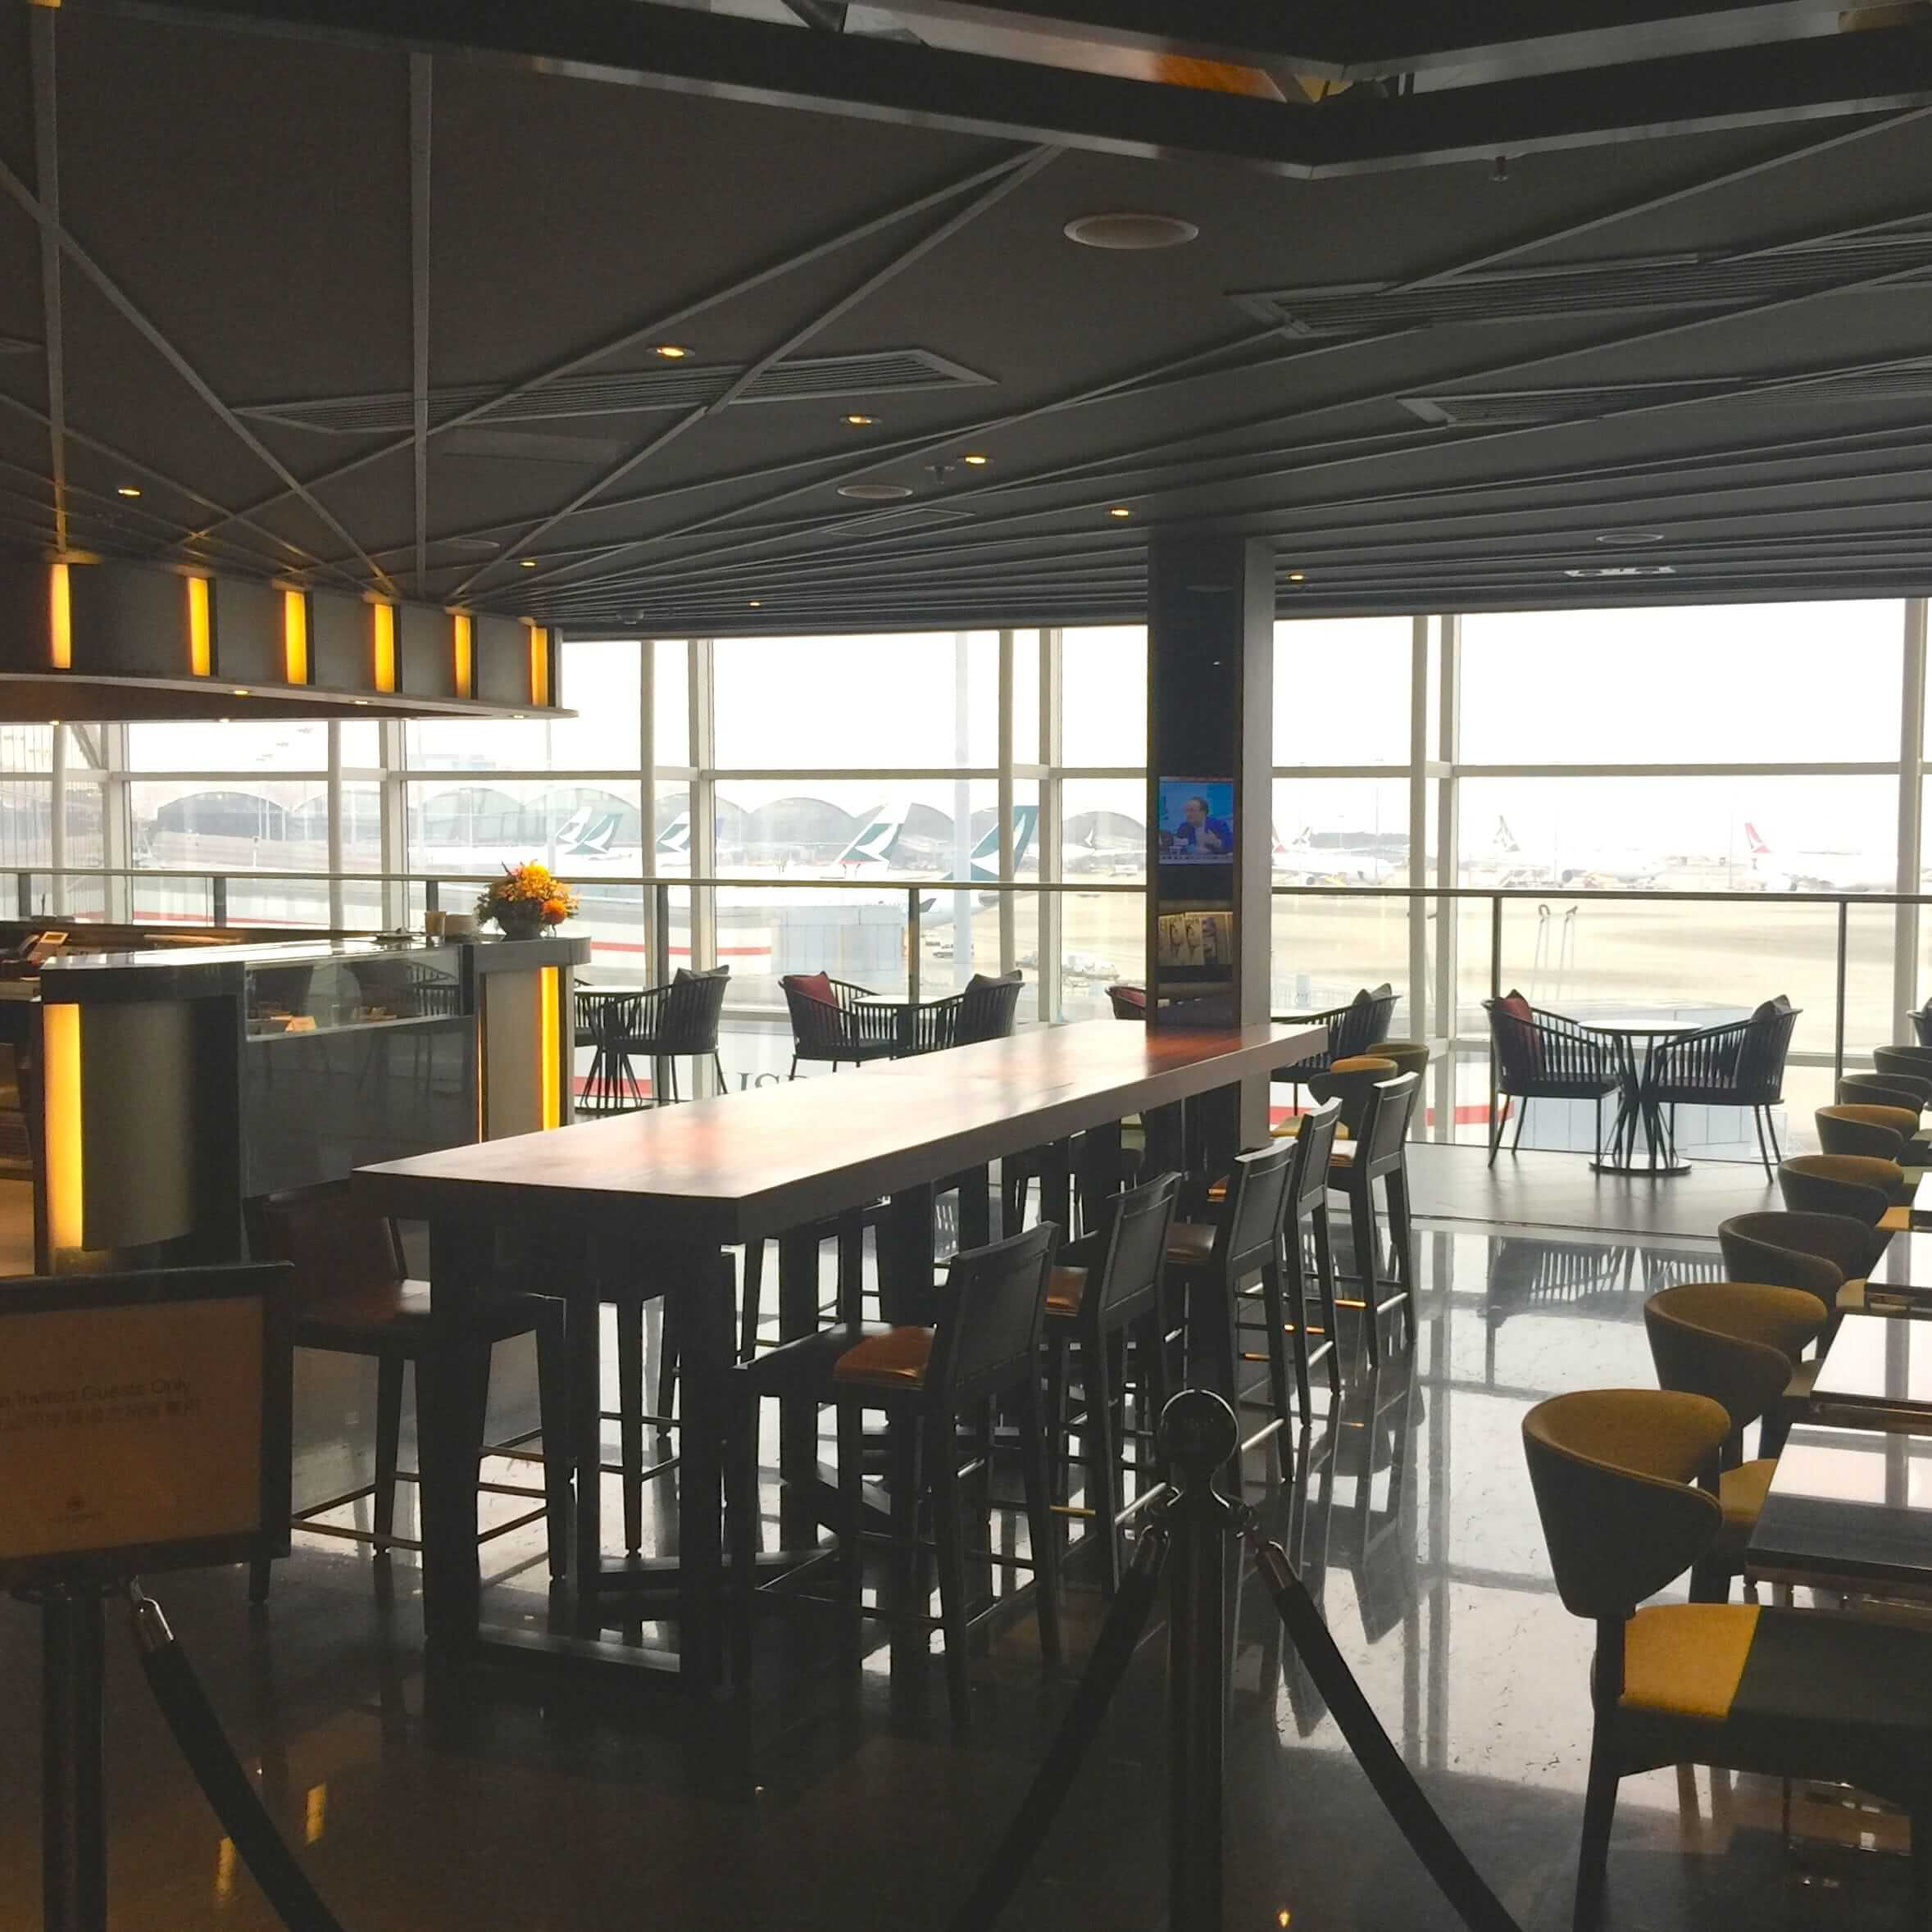 香港機場西翼 Plaza Premium Lounge:搭廉航都能進的貴賓室